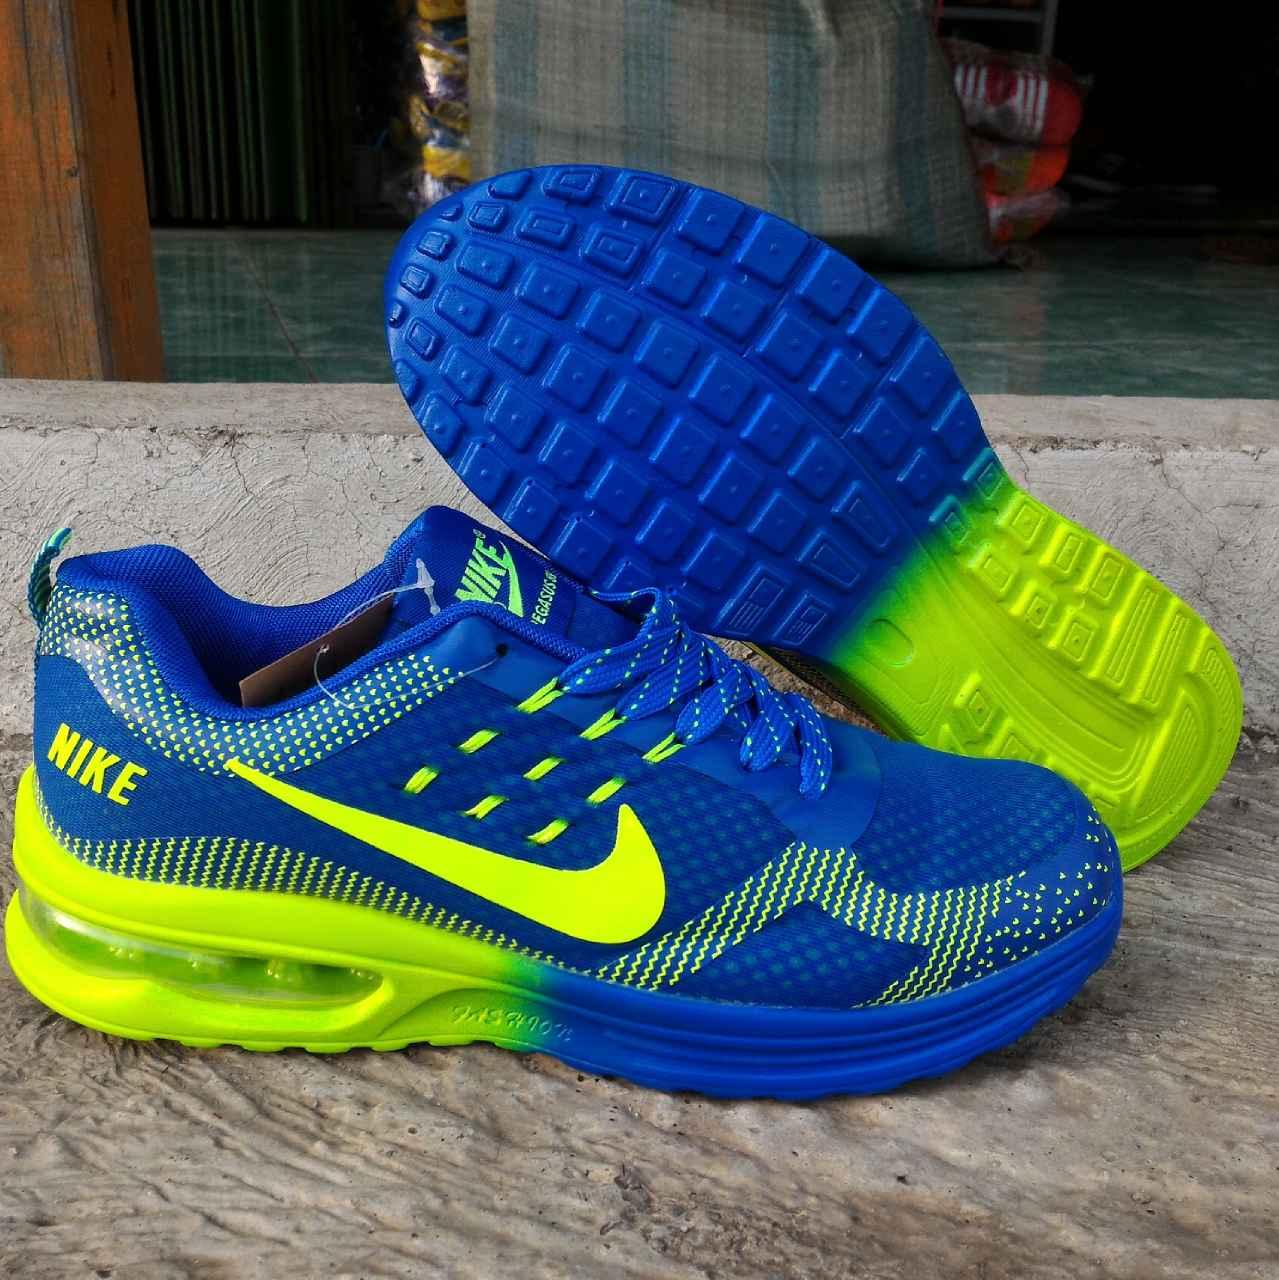 Official Nike Pegasus Jual Air Max D70b0 B2f4e Zoom 33 Biru Closeout 89 Man Samudera Sepatu Sports Tokopedia 0e384 Bcd35